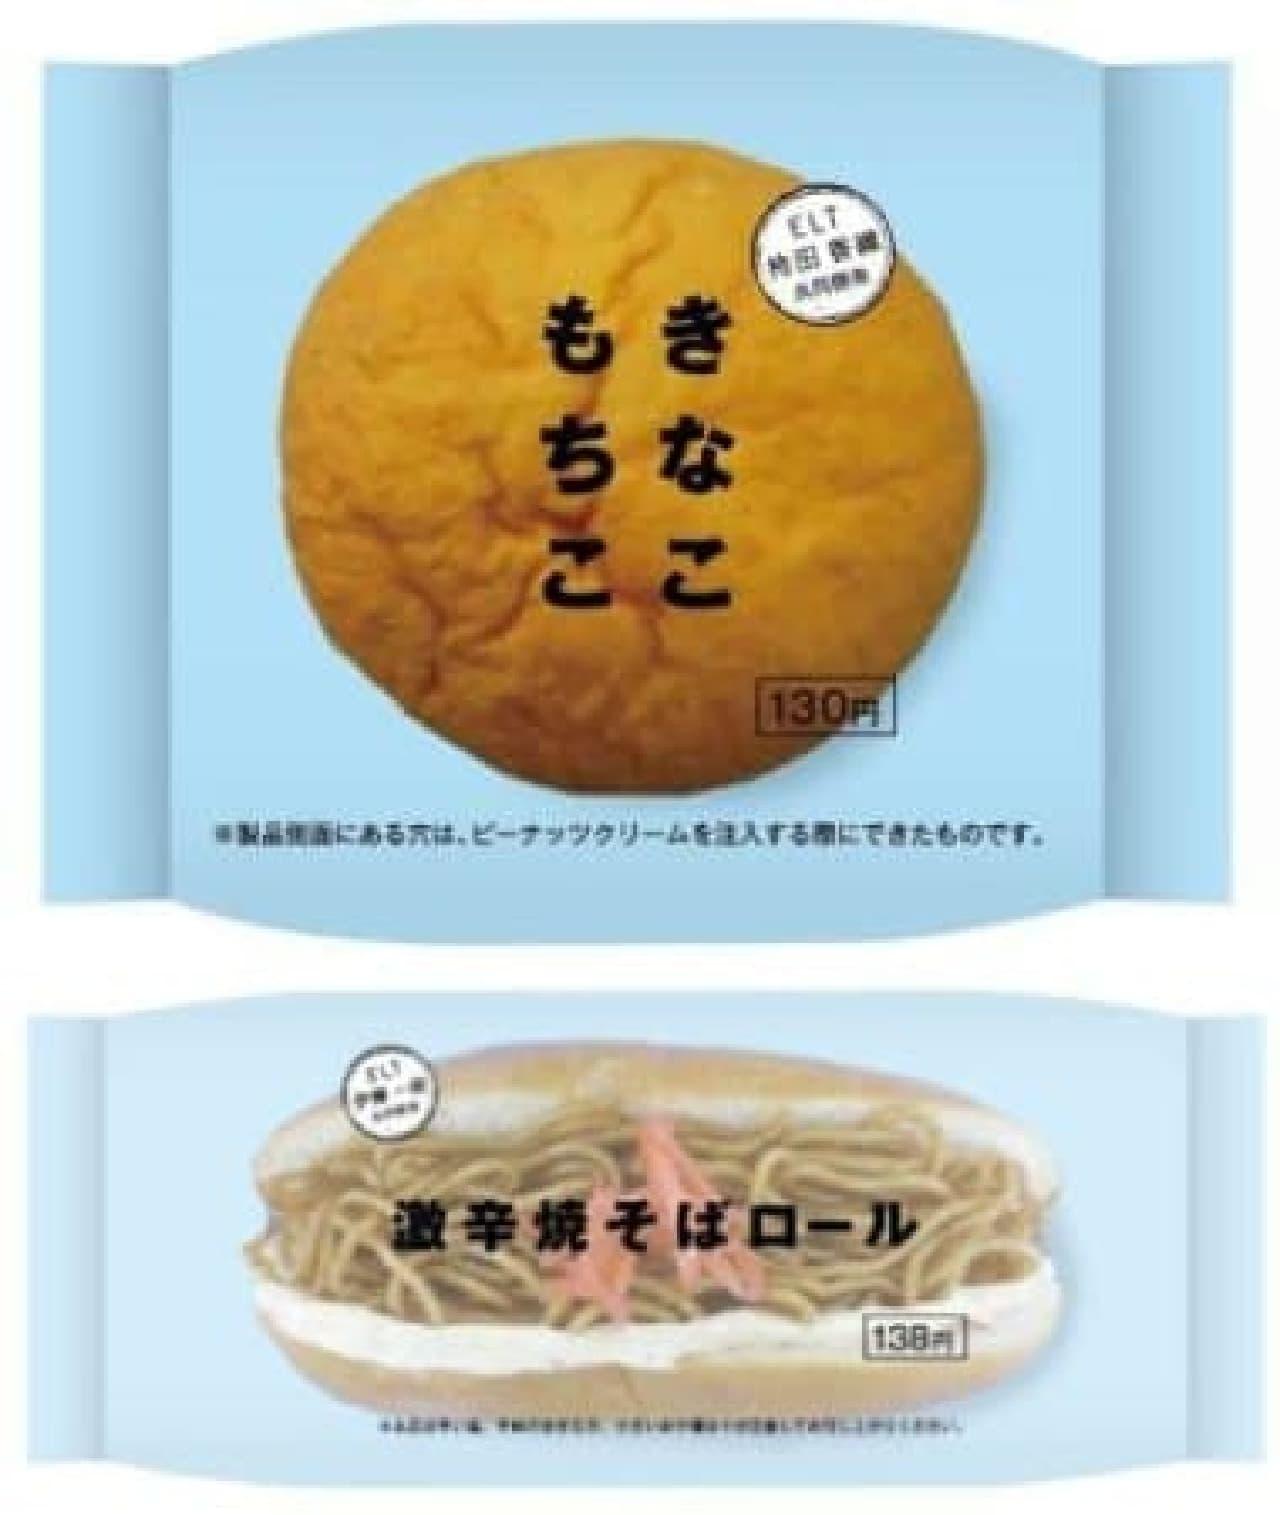 ELT 監修の「パン」が登場!